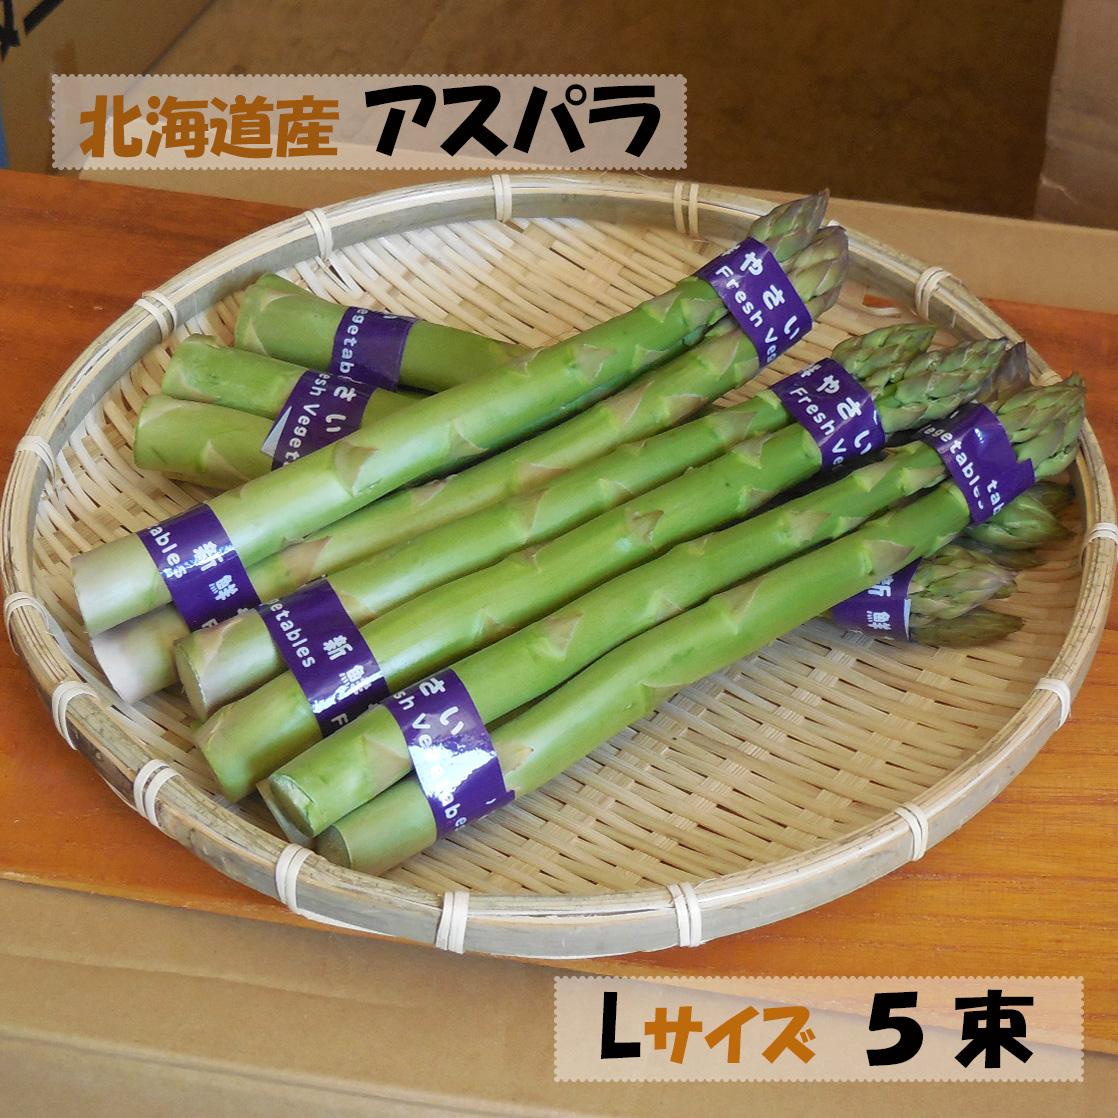 お待たせしました 北海道の美味しさが詰まってます 栄養満点 高血圧予防に 今年も送料無料 激安特価品 送料無料 アスパラガス Lサイズ グリーンアスパラガス アスパラ 北海道産1kg 定番キャンバス